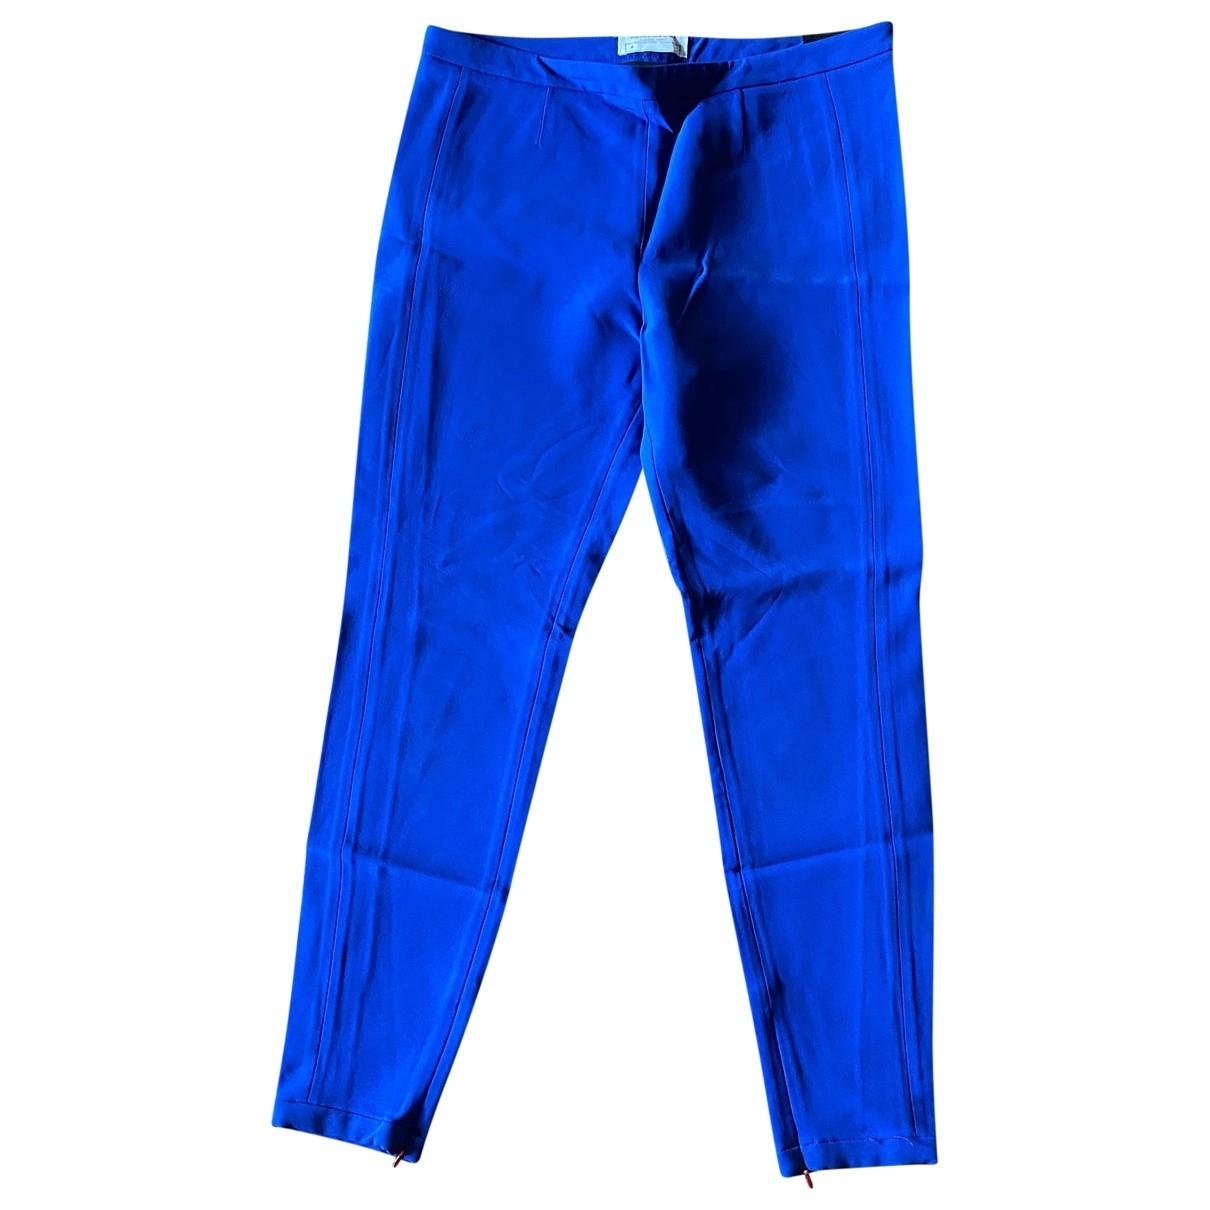 Pantalon recto Narciso Rodriguez